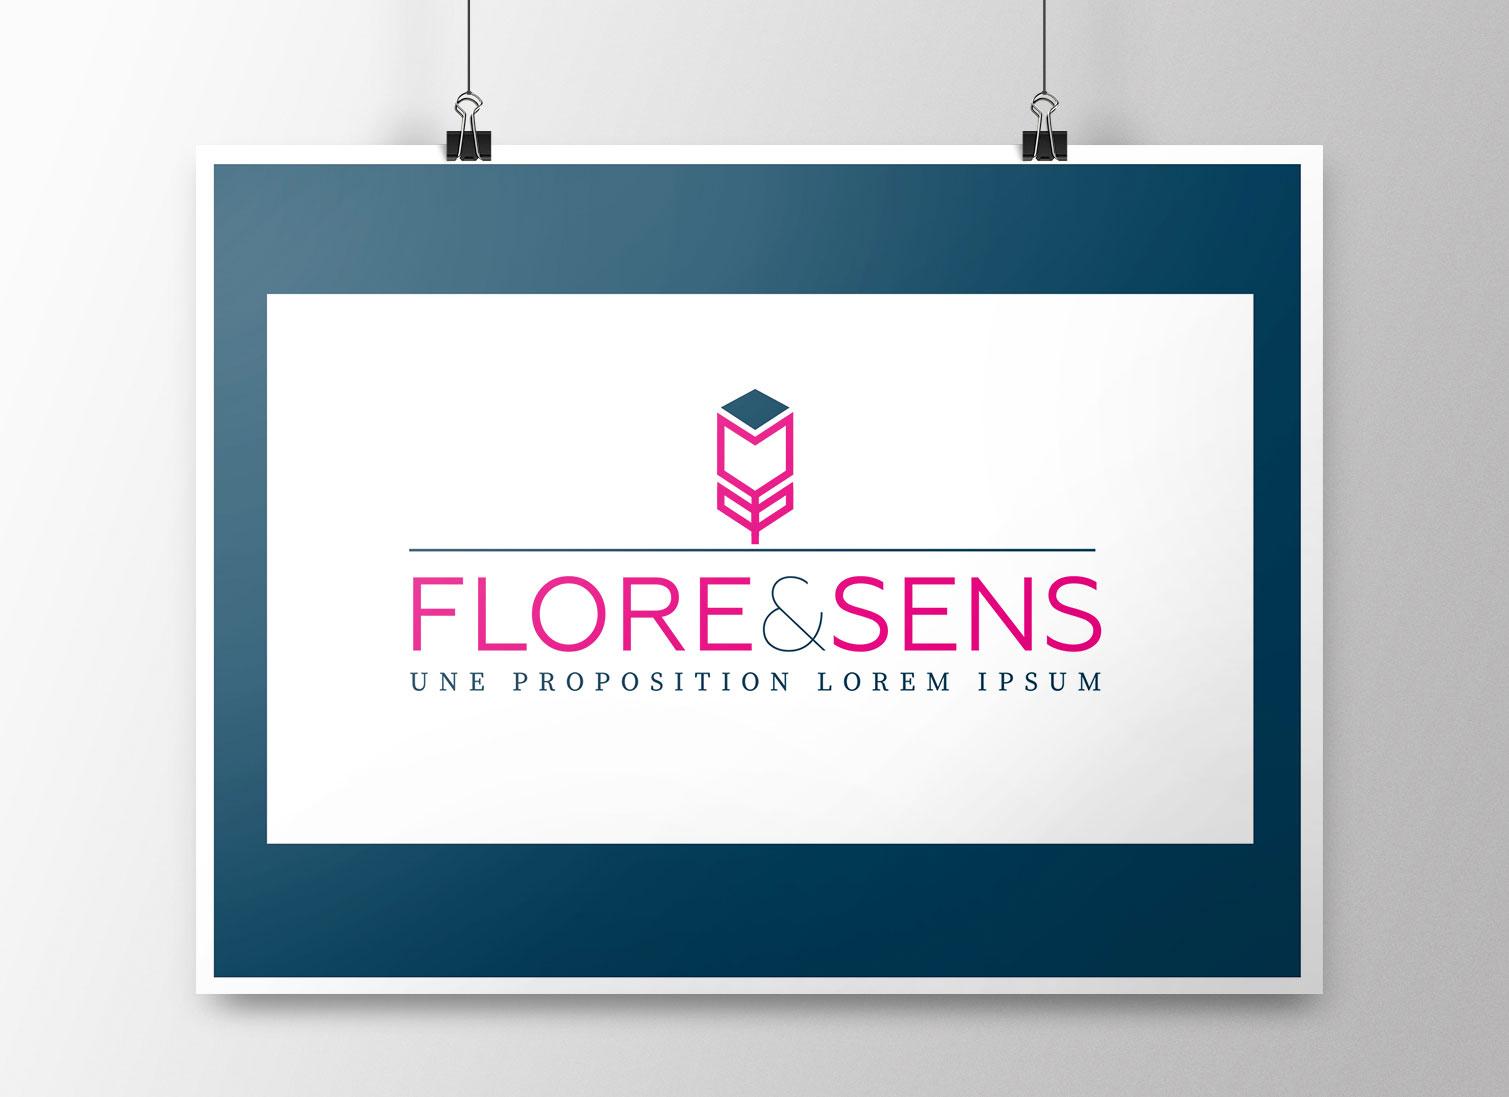 floresens_logo_02